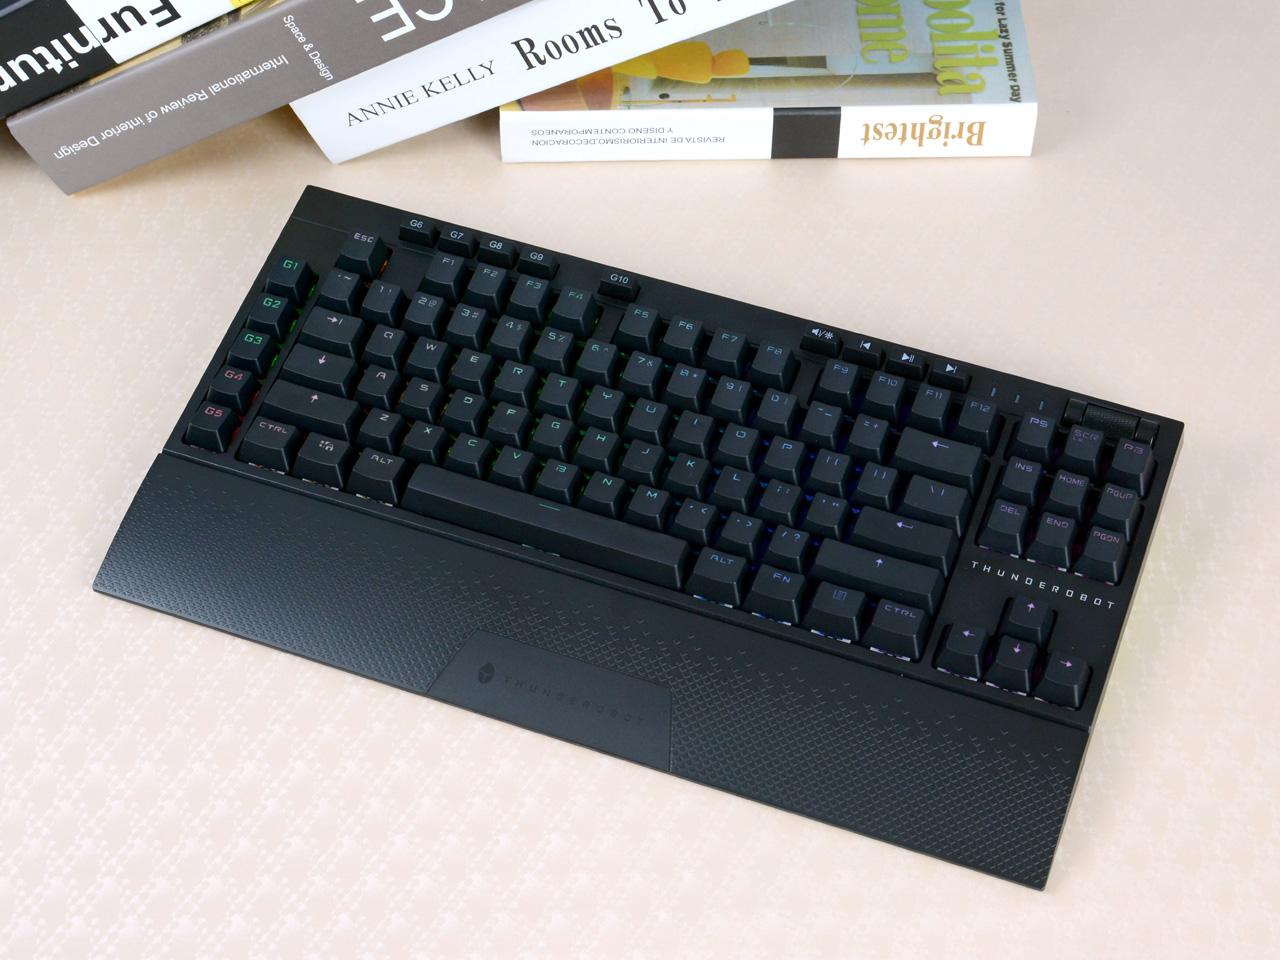 指尖下的超实惠游戏利器!雷神KL30无线机械键盘评测